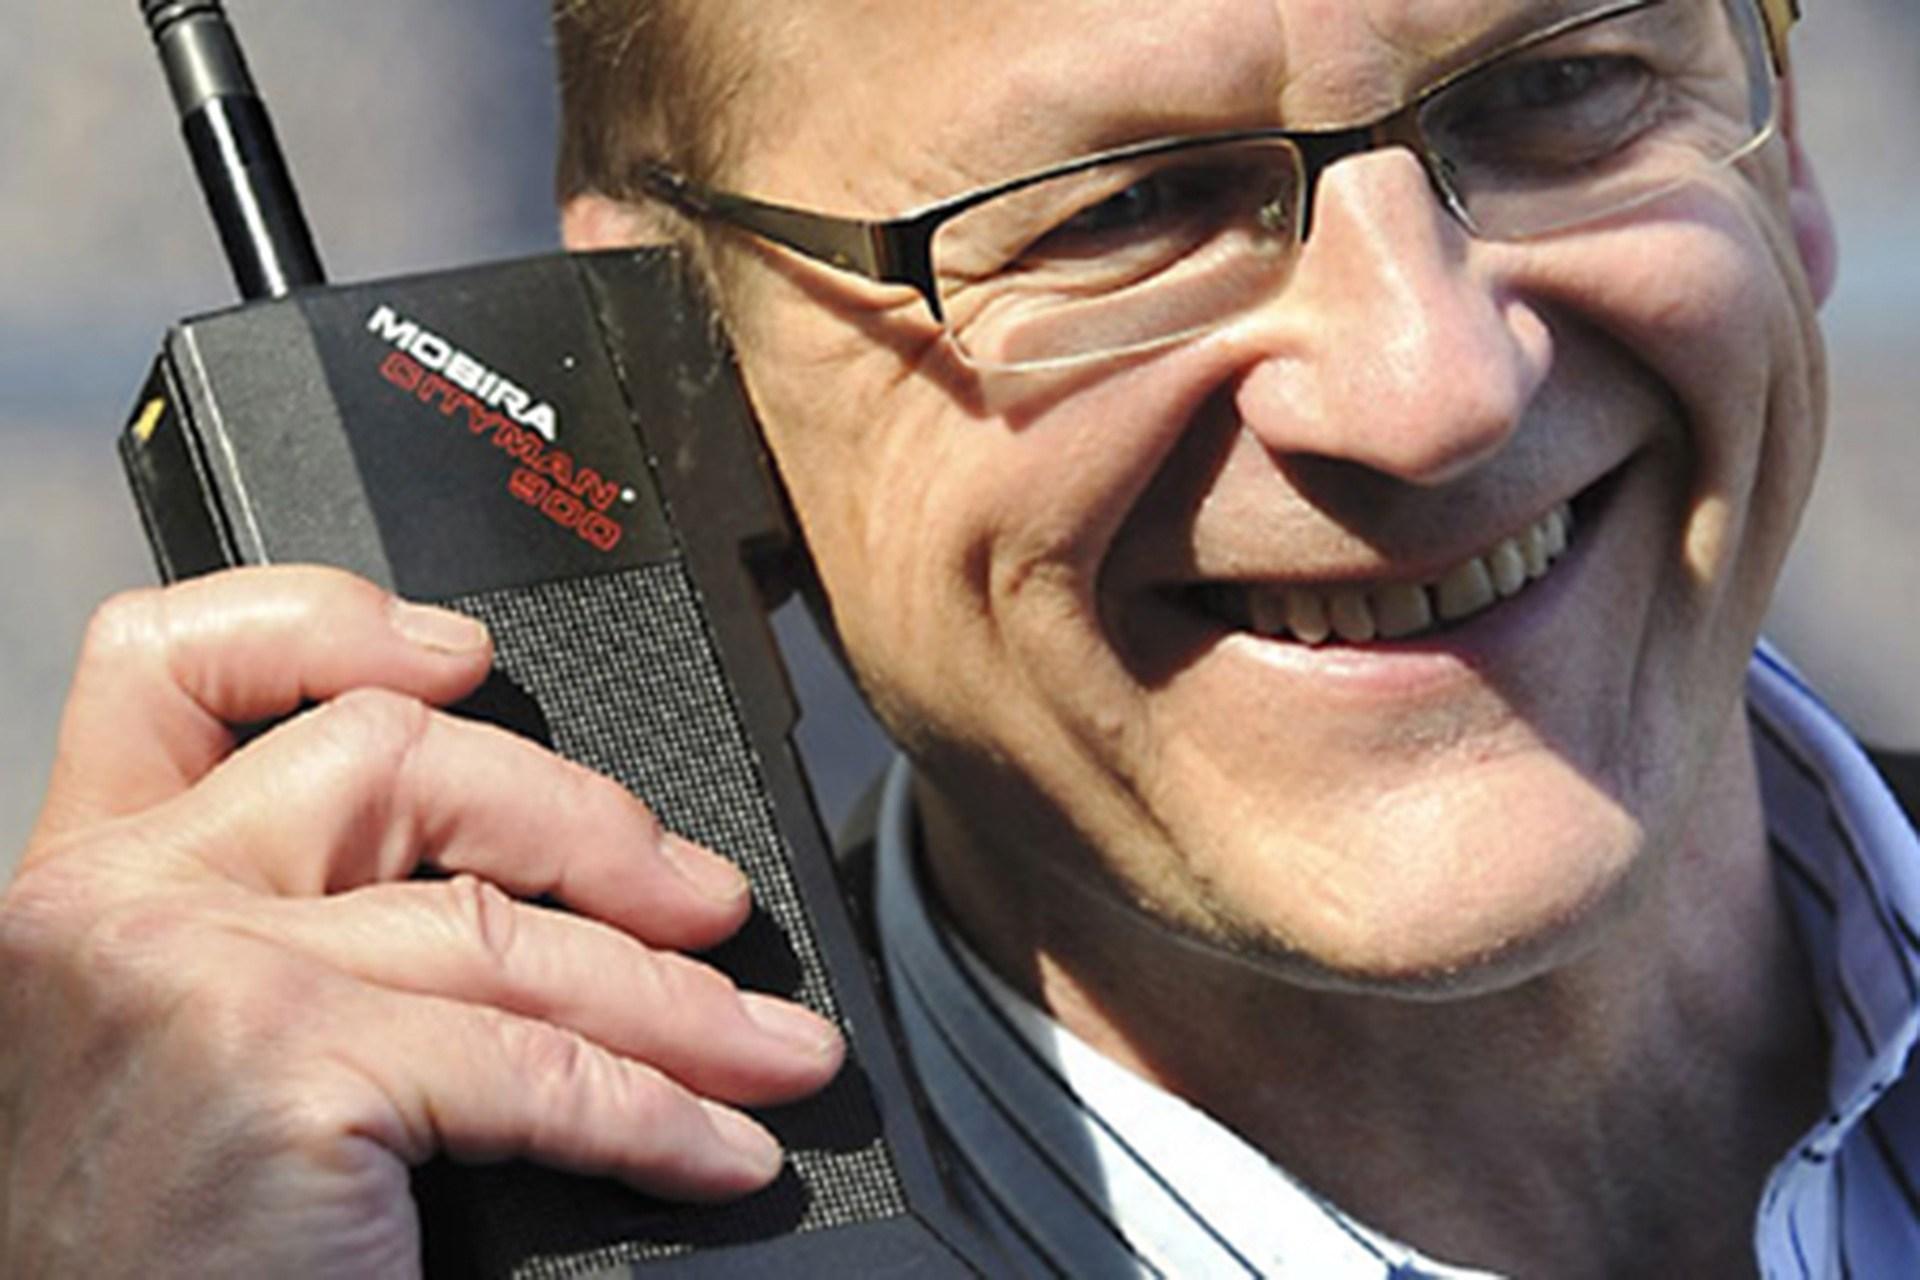 Photo of Parintele SMS-ului – Matti Makkonen s-a stins din viata la varsta de 63 de ani